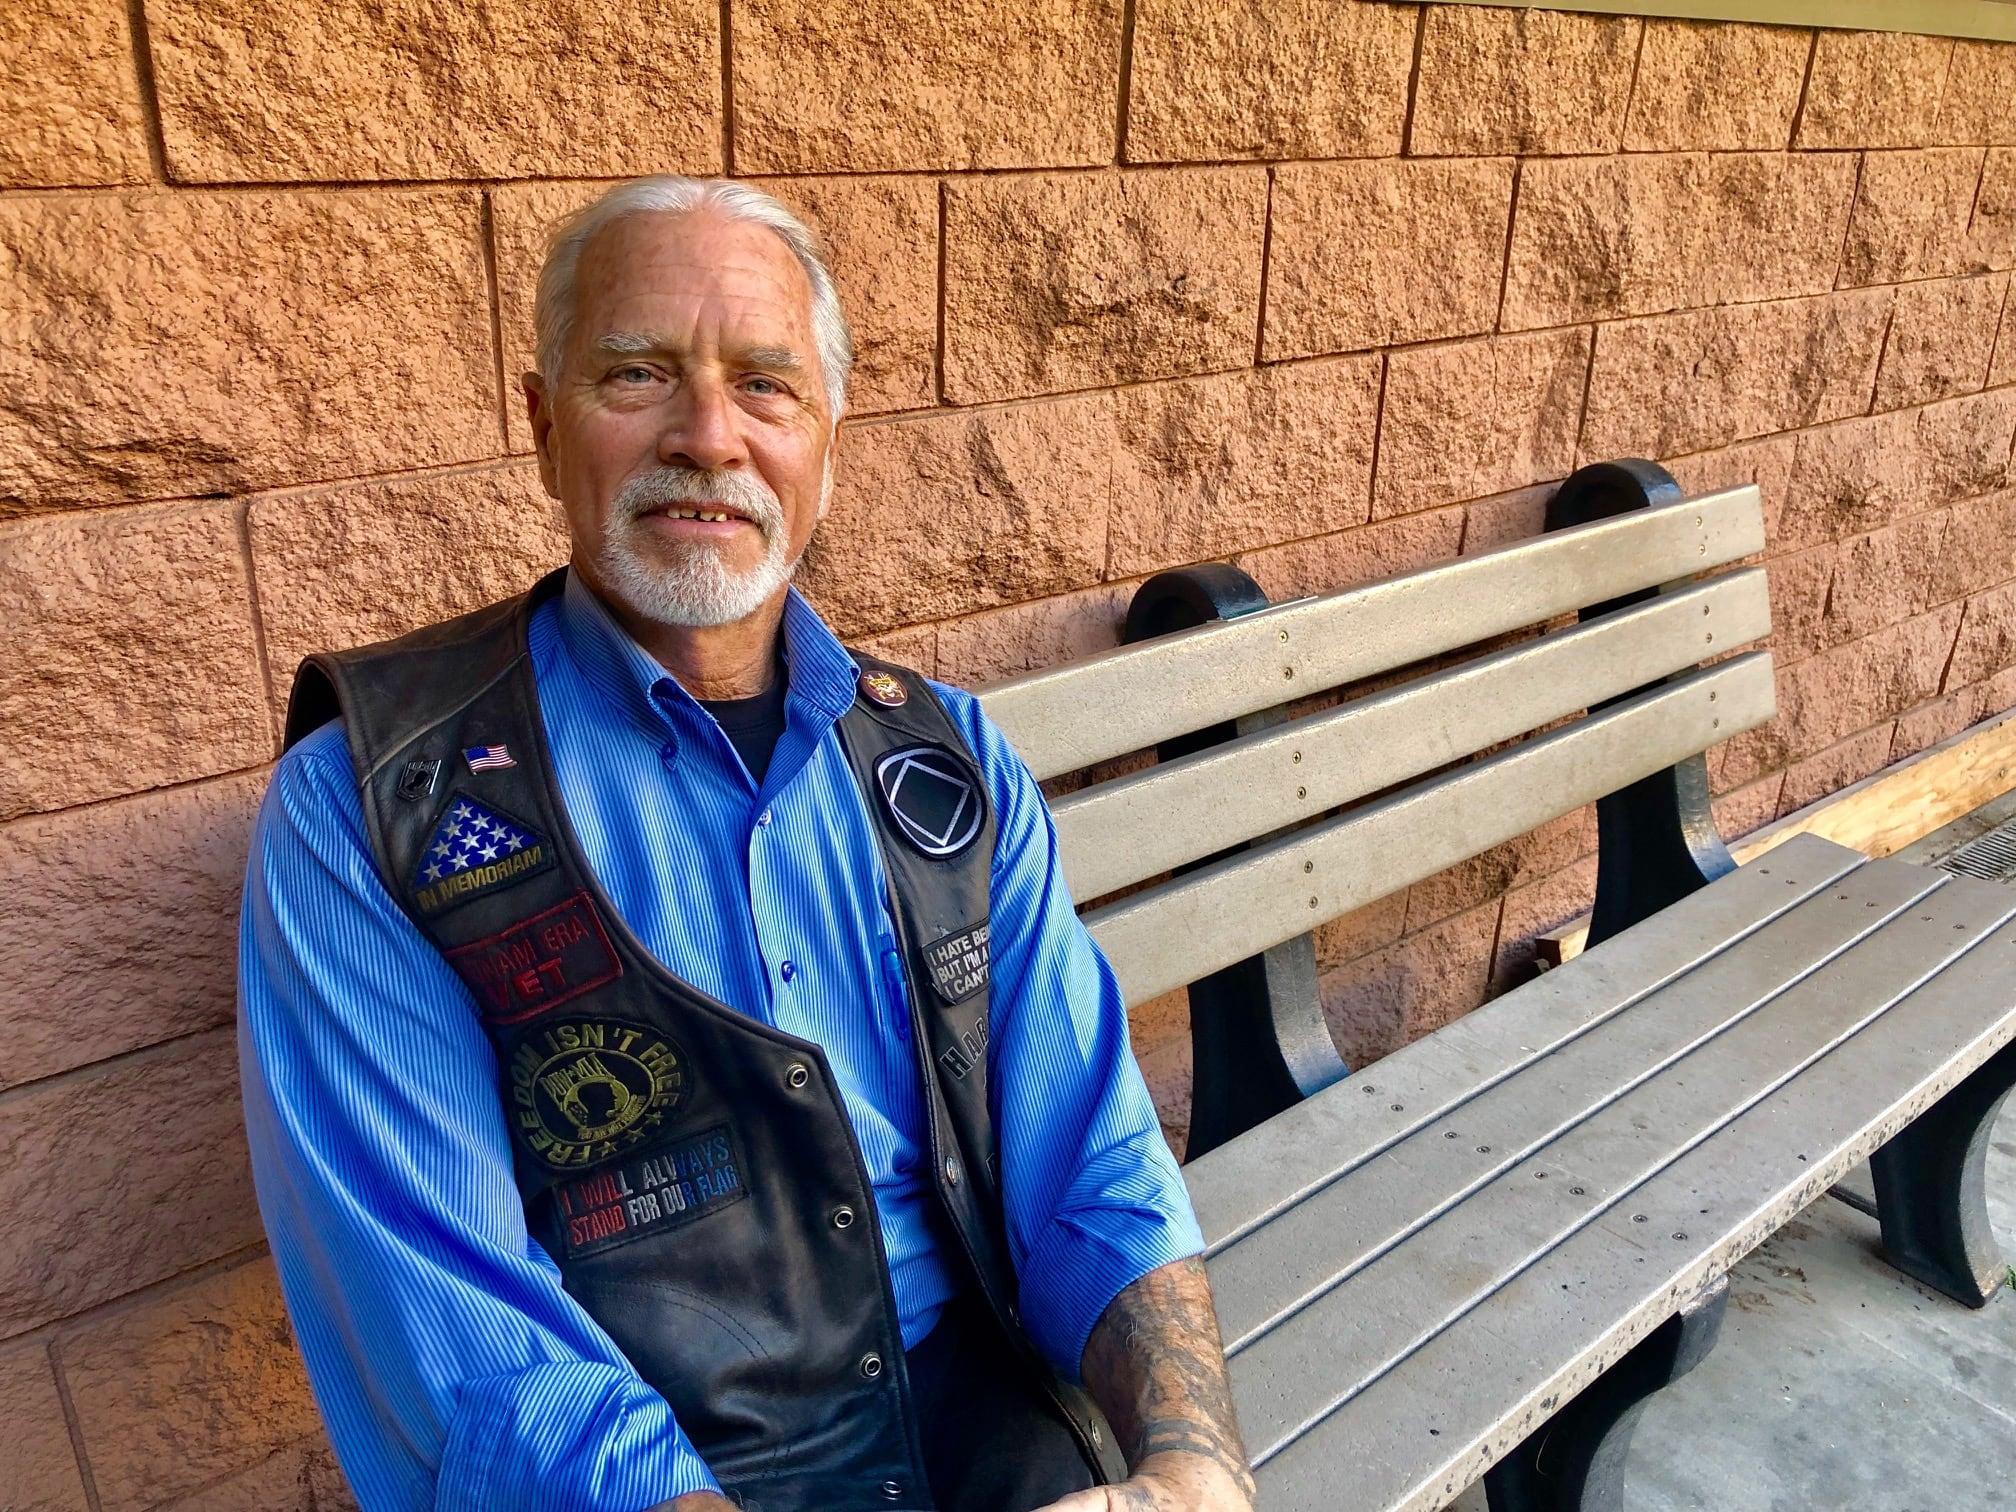 Daniel Adamik Inglewood based Veteran